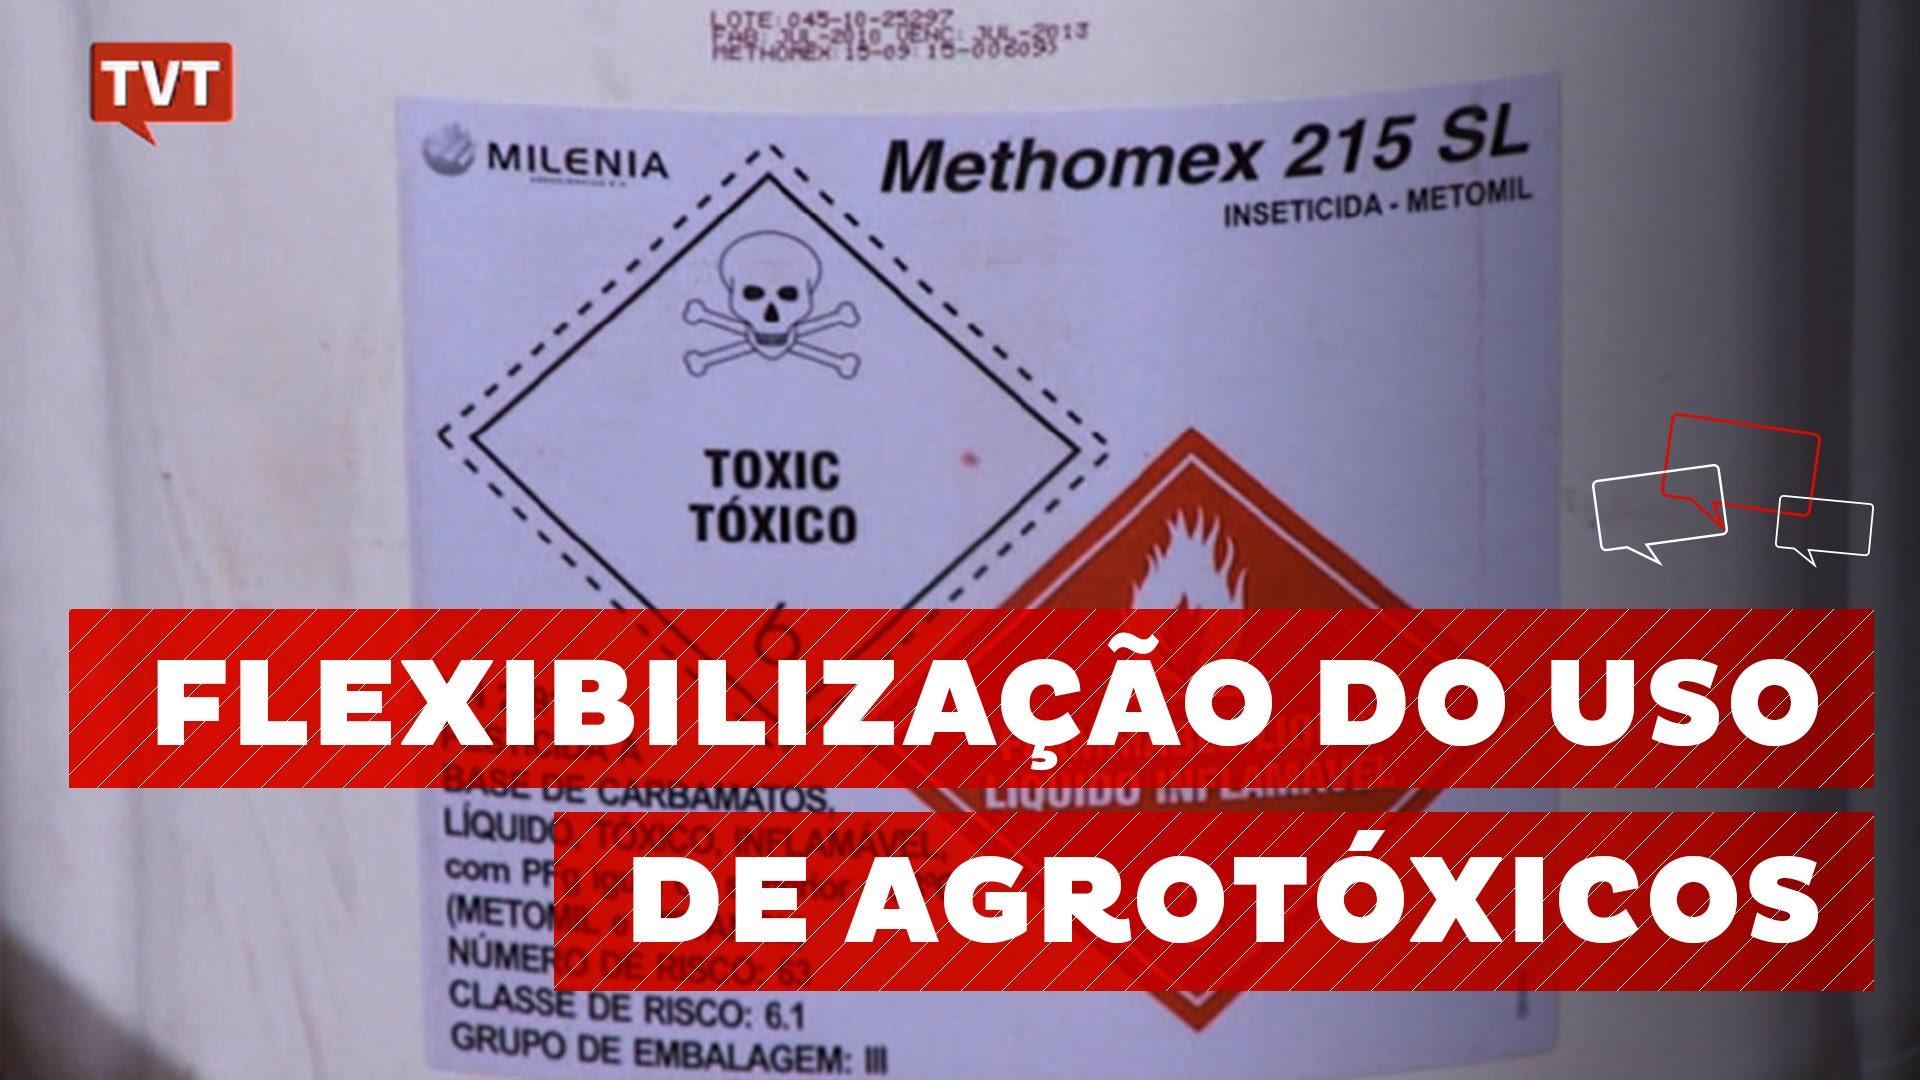 FLEXIBILIZAÇÃO DO USO DE AGROTÓXICOS